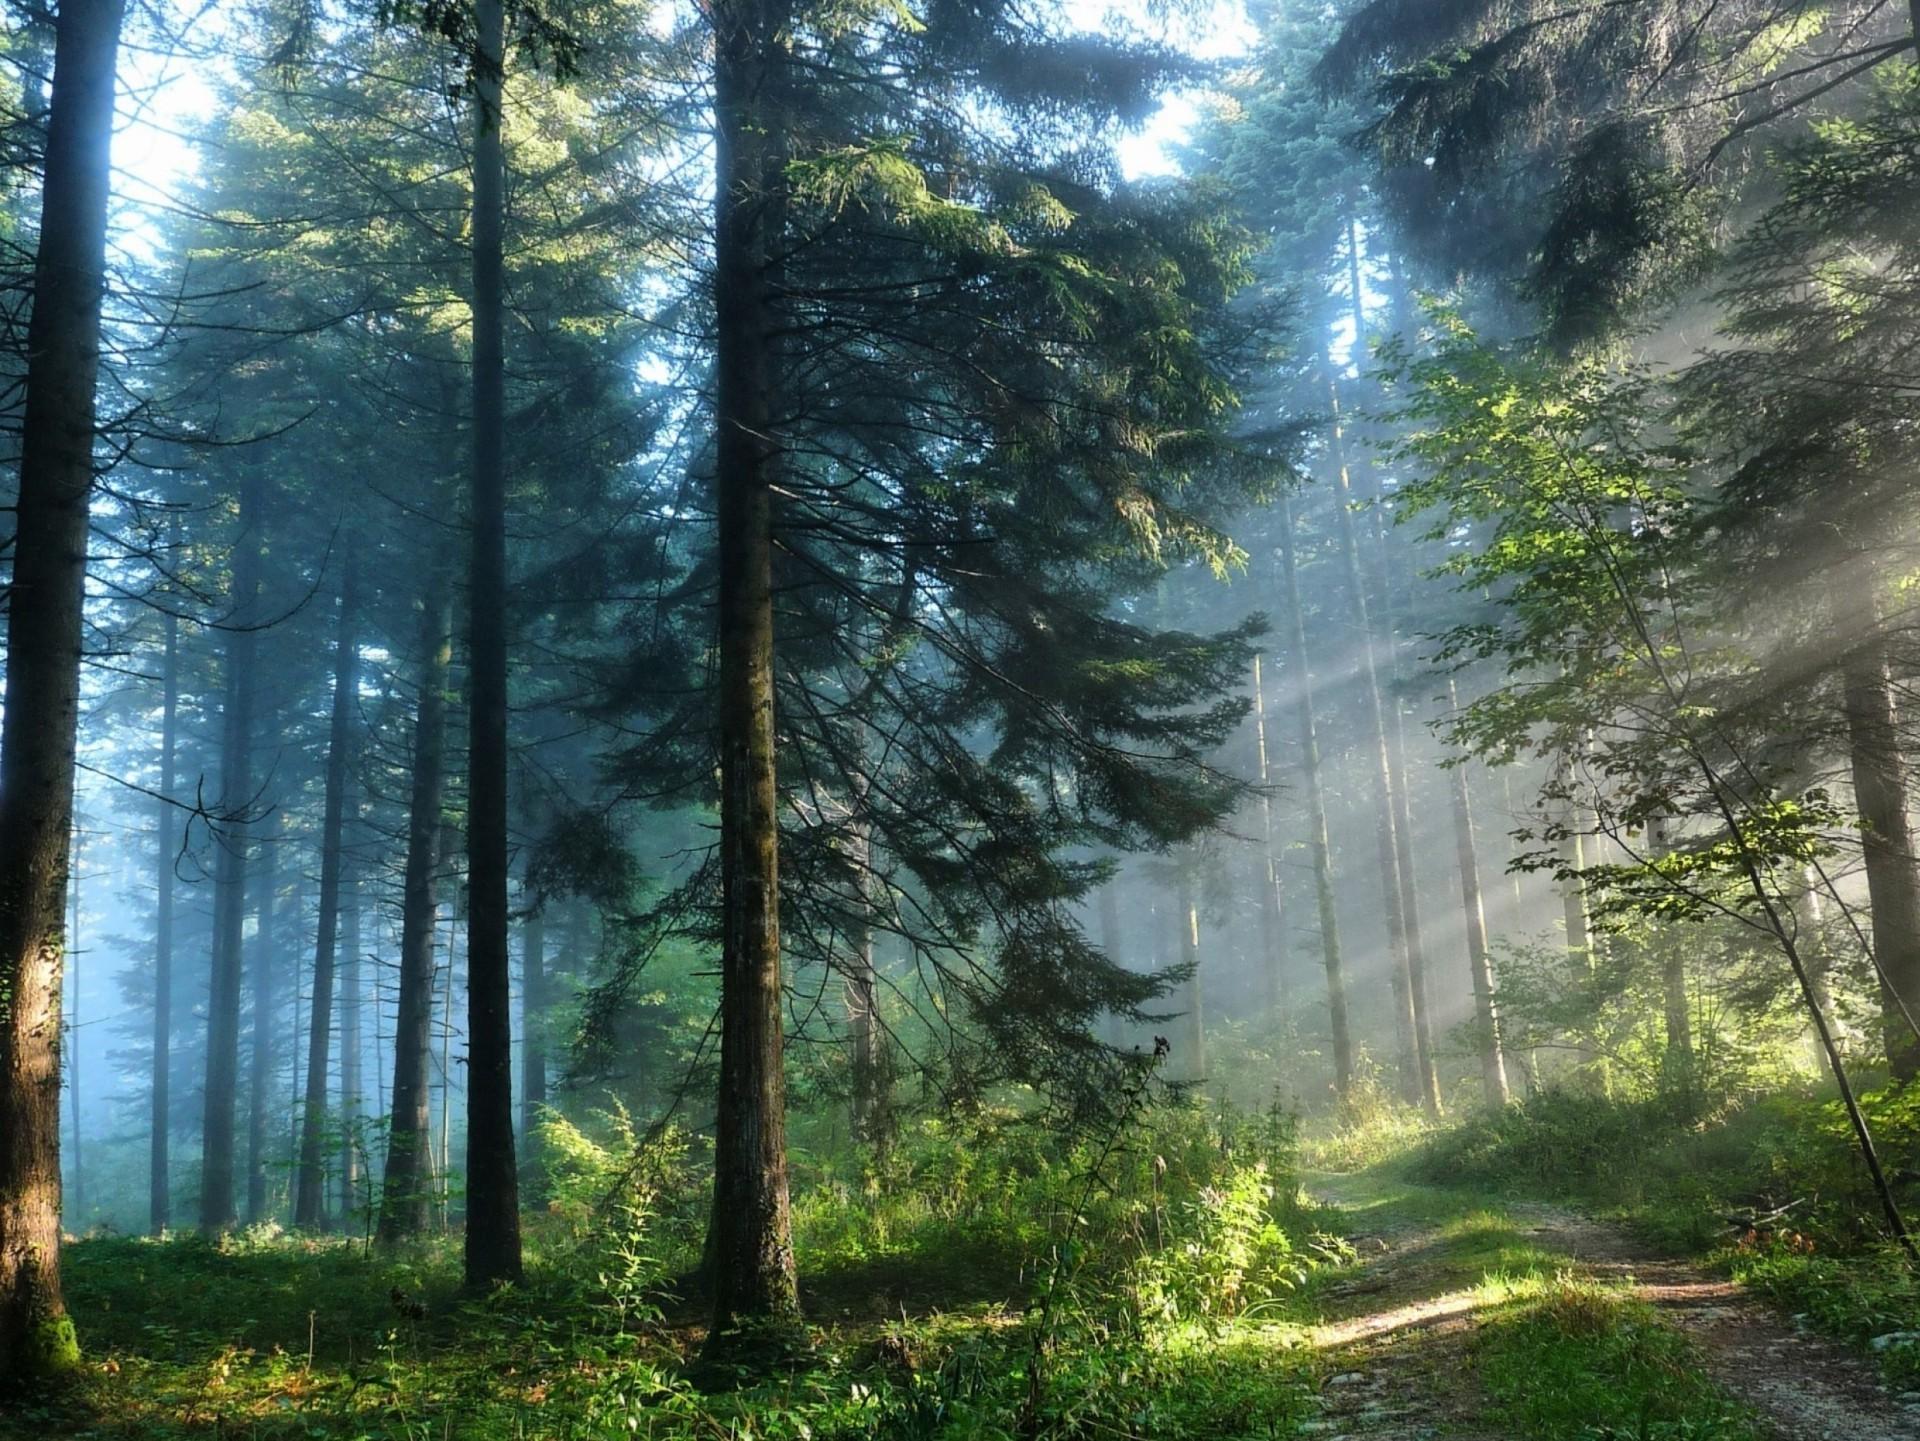 счастью, картинки на телефон фото изменение леса каждому местный базарчик придает